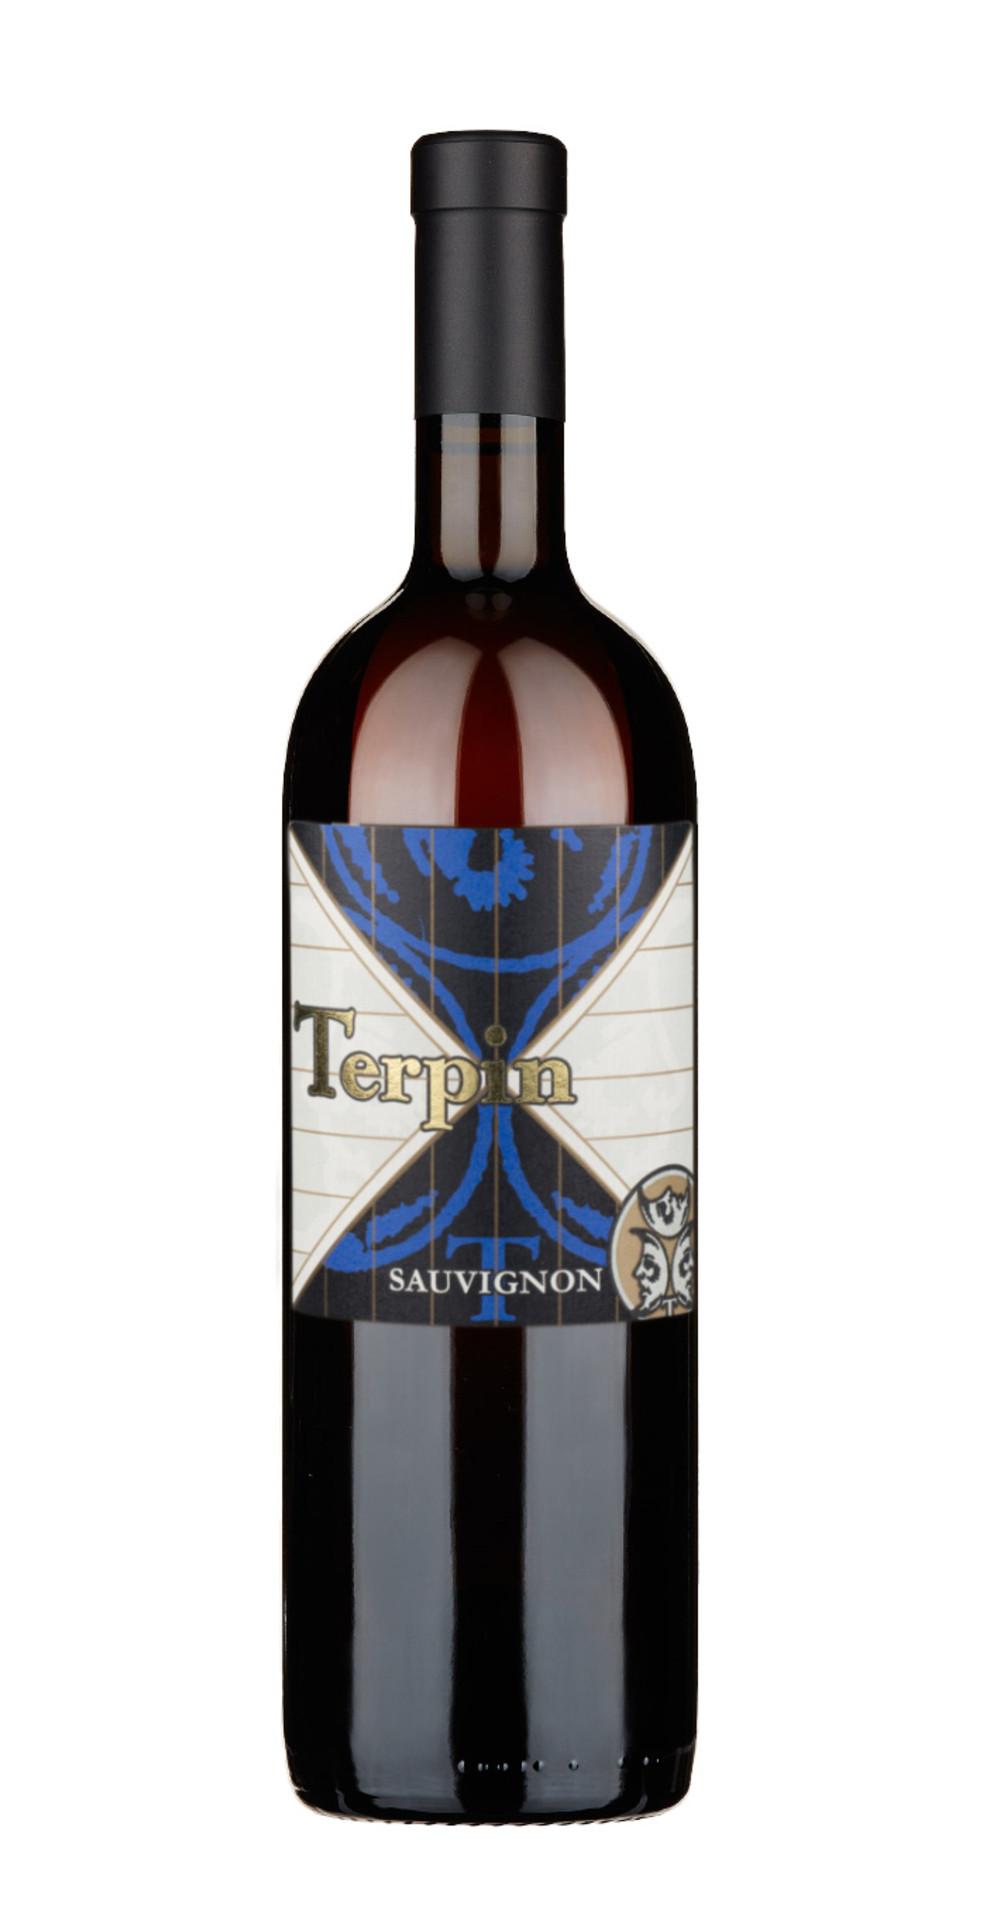 Sauvignon Franco Terpin 2012 - on sale on Callmewine 188a7c844ca2